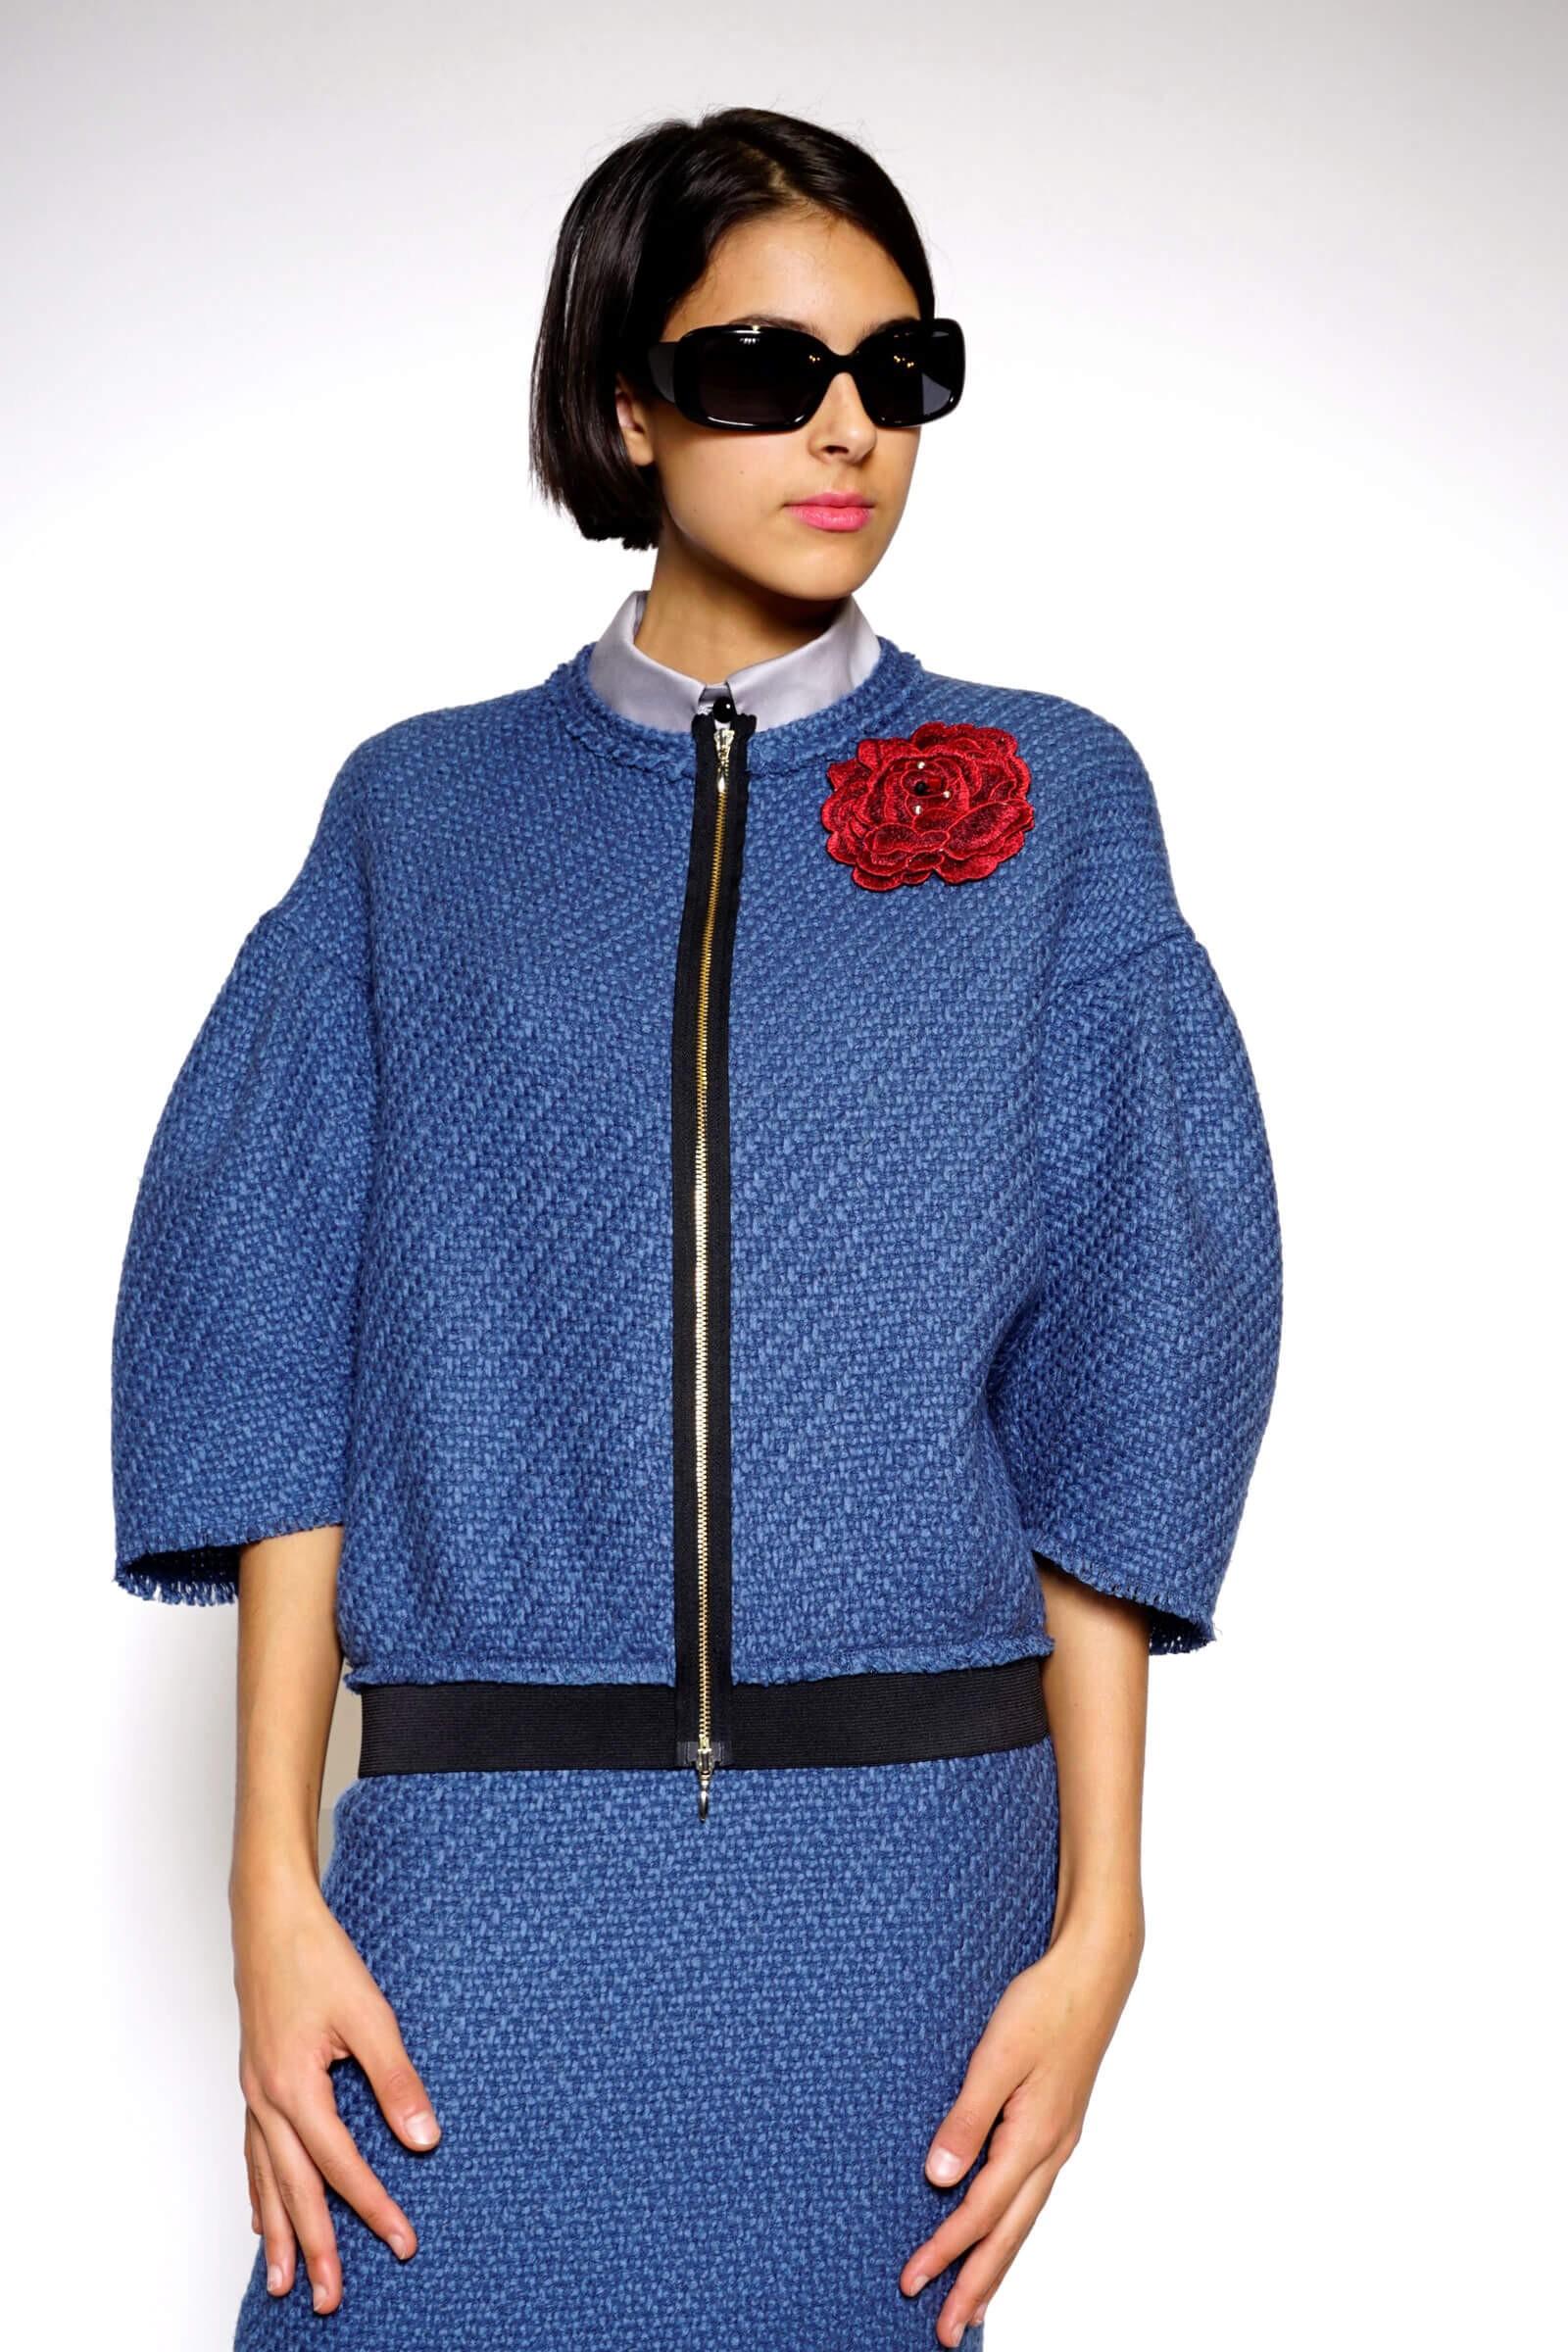 Blue wool chanel type jacket